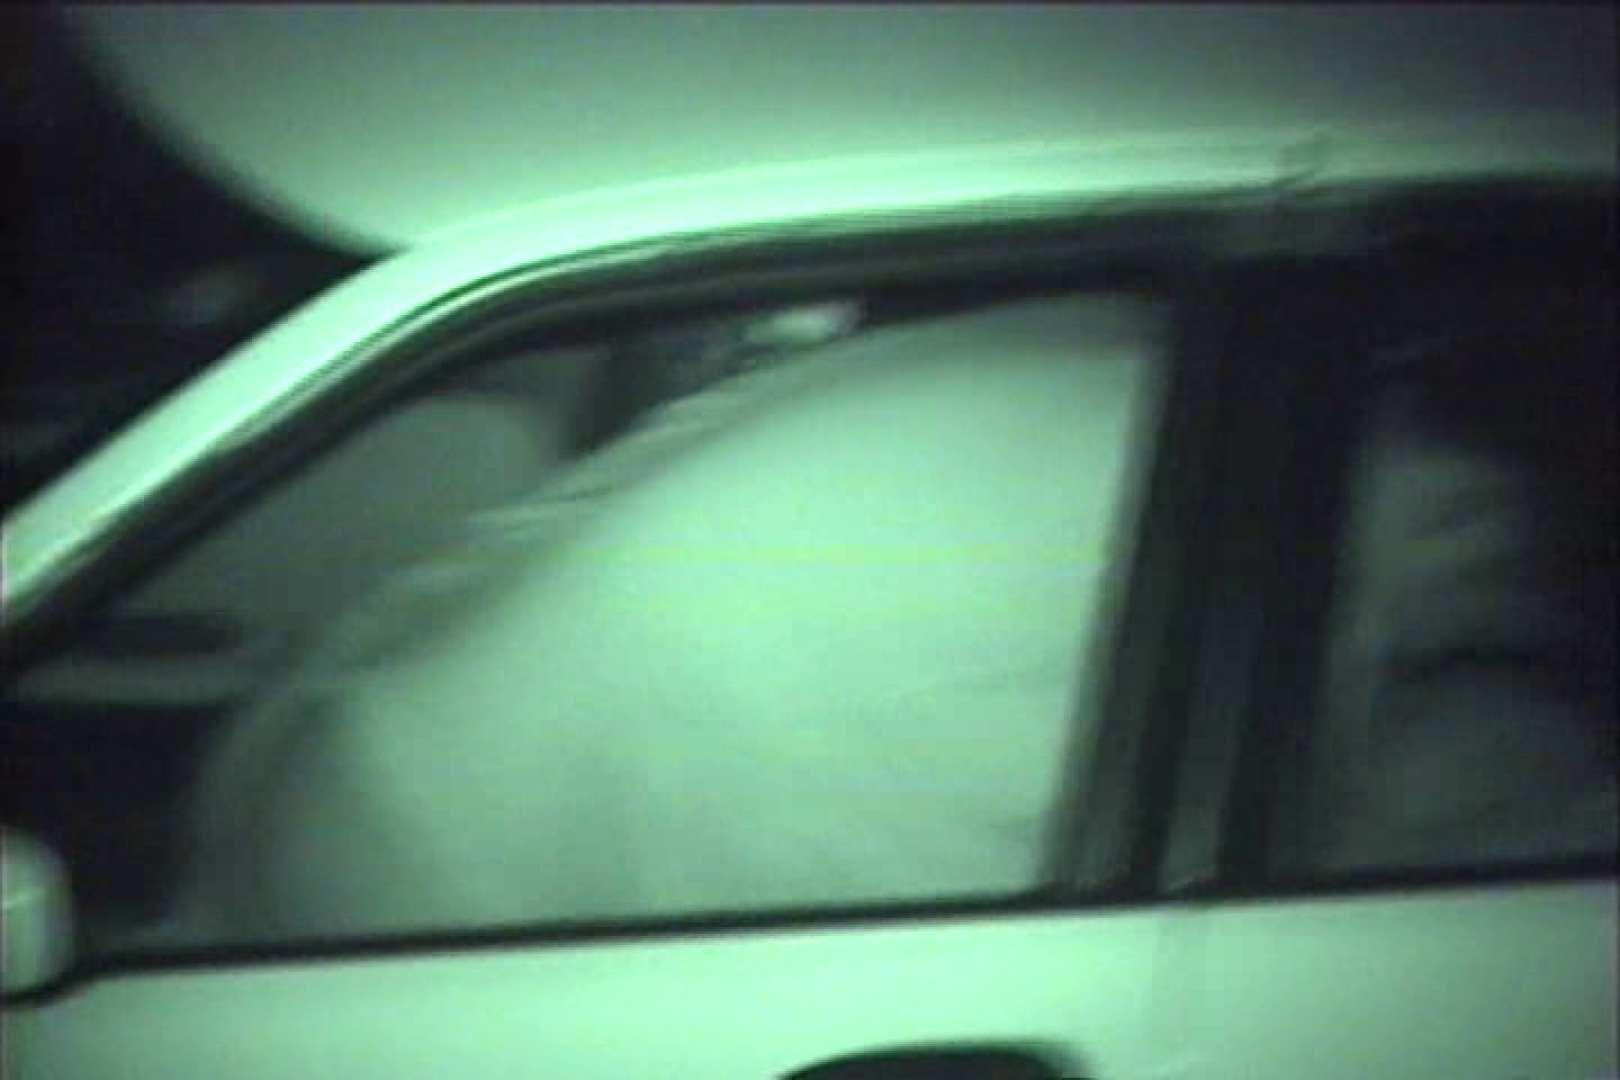 車の中はラブホテル 無修正版  Vol.17 OLの実態  22pic 18